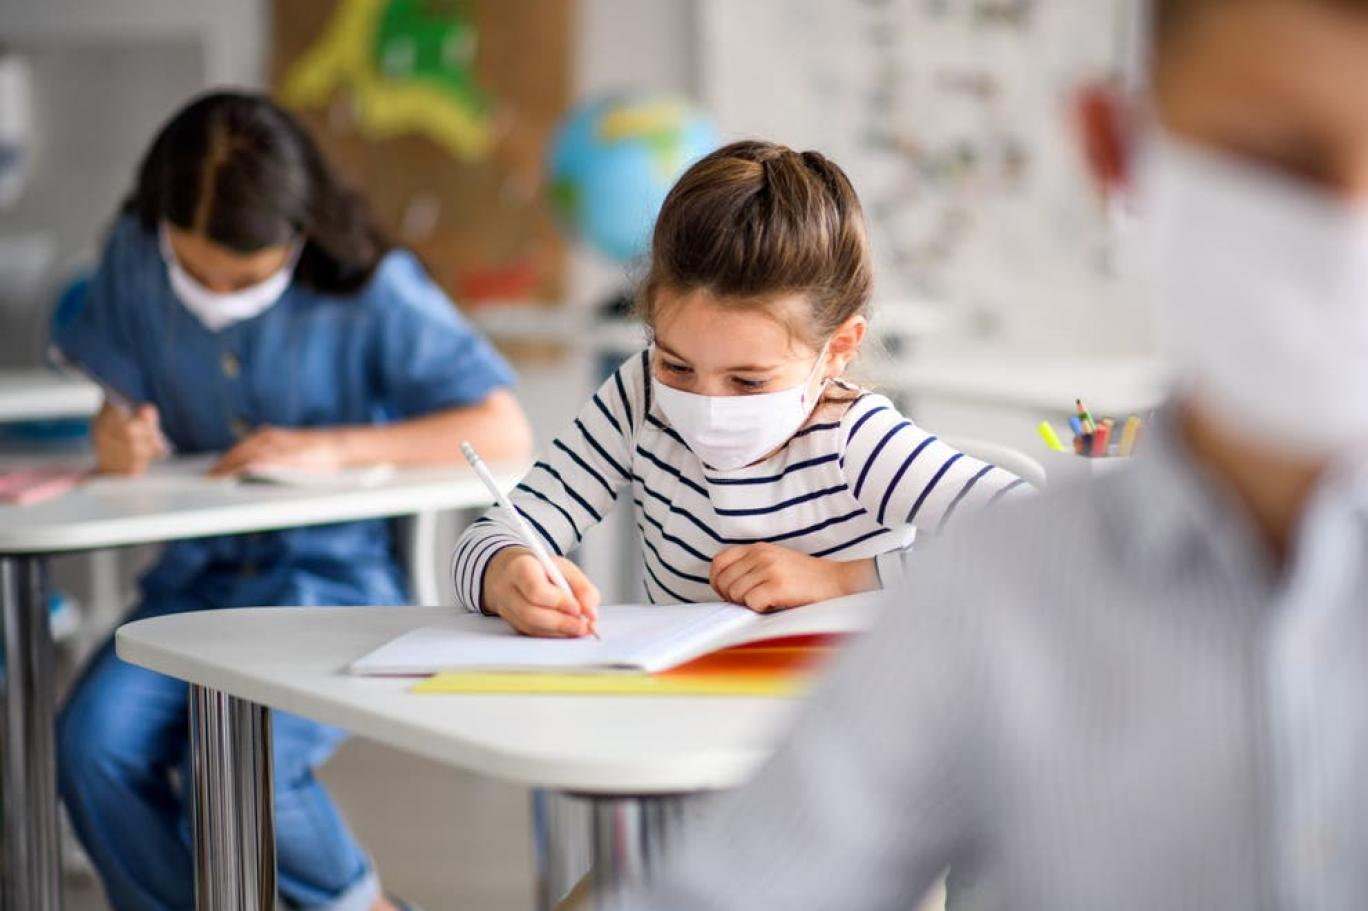 الصغار مطالبون بارتداء الكمامات في بعض مدارس إنجلترا | اندبندنت عربية